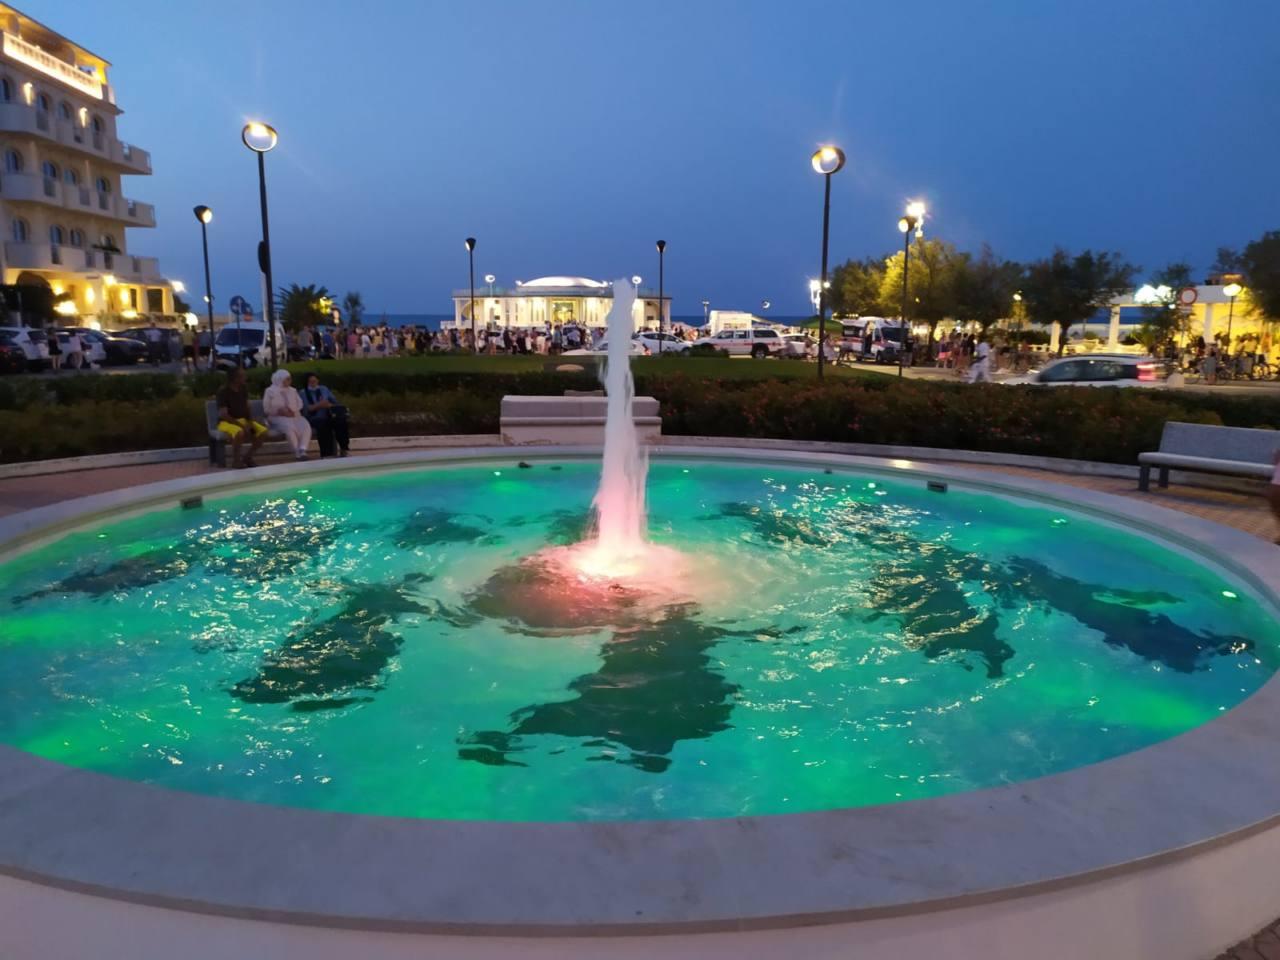 In piazzale della Libertà a Senigallia è terminato il restyling della fontana davanti la rotonda a mare, con il mosaico che riprende una famosa foto di Mario Giacomelli